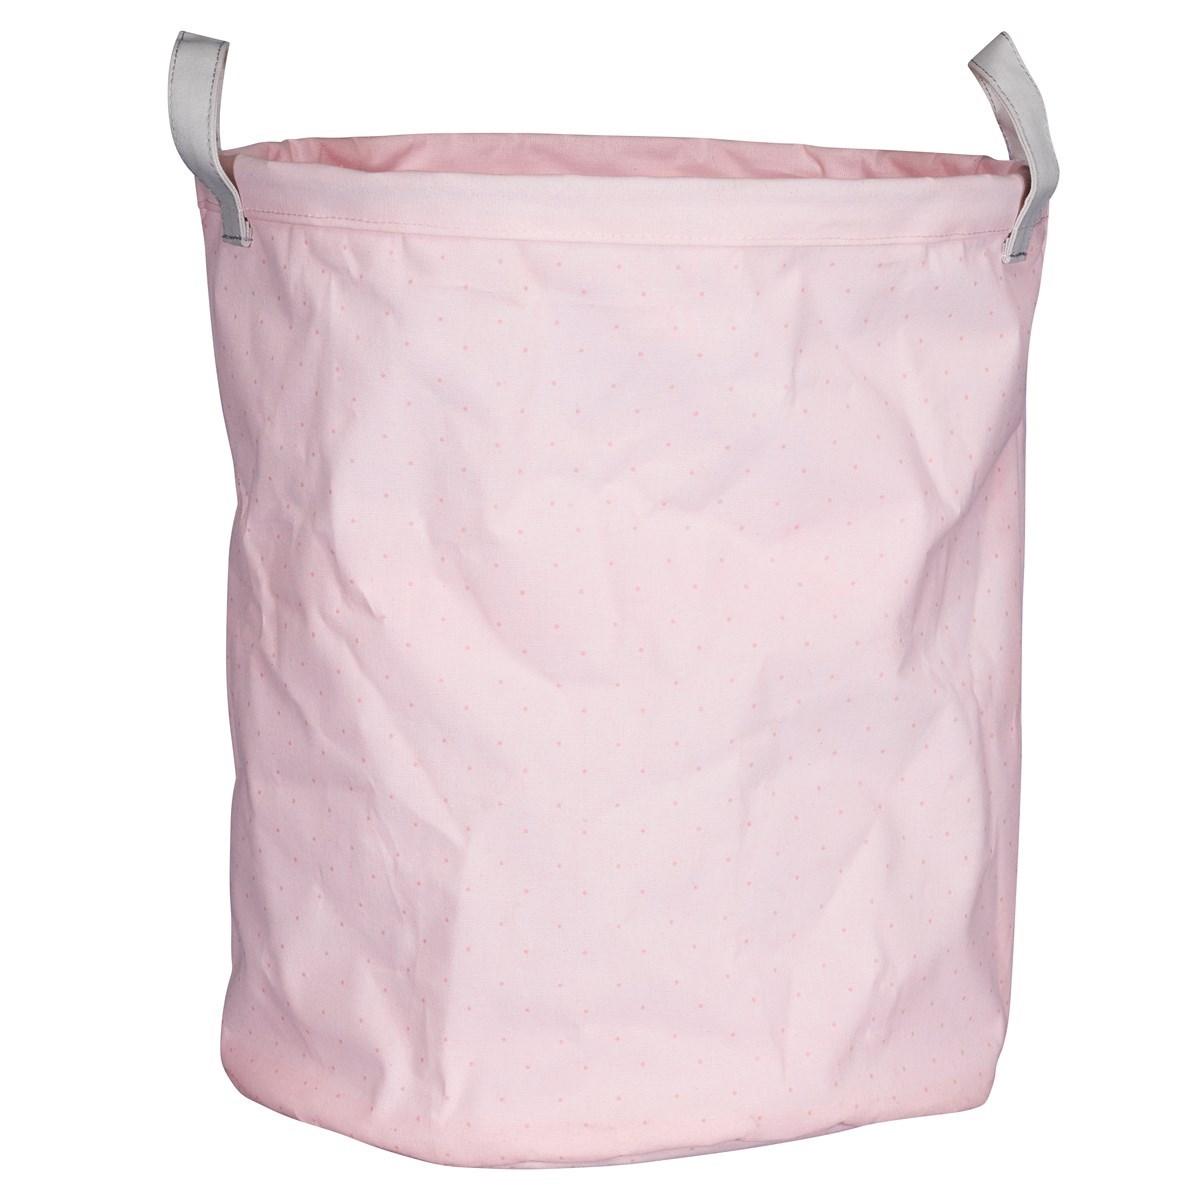 Panière de rangement en tissu en coton rose